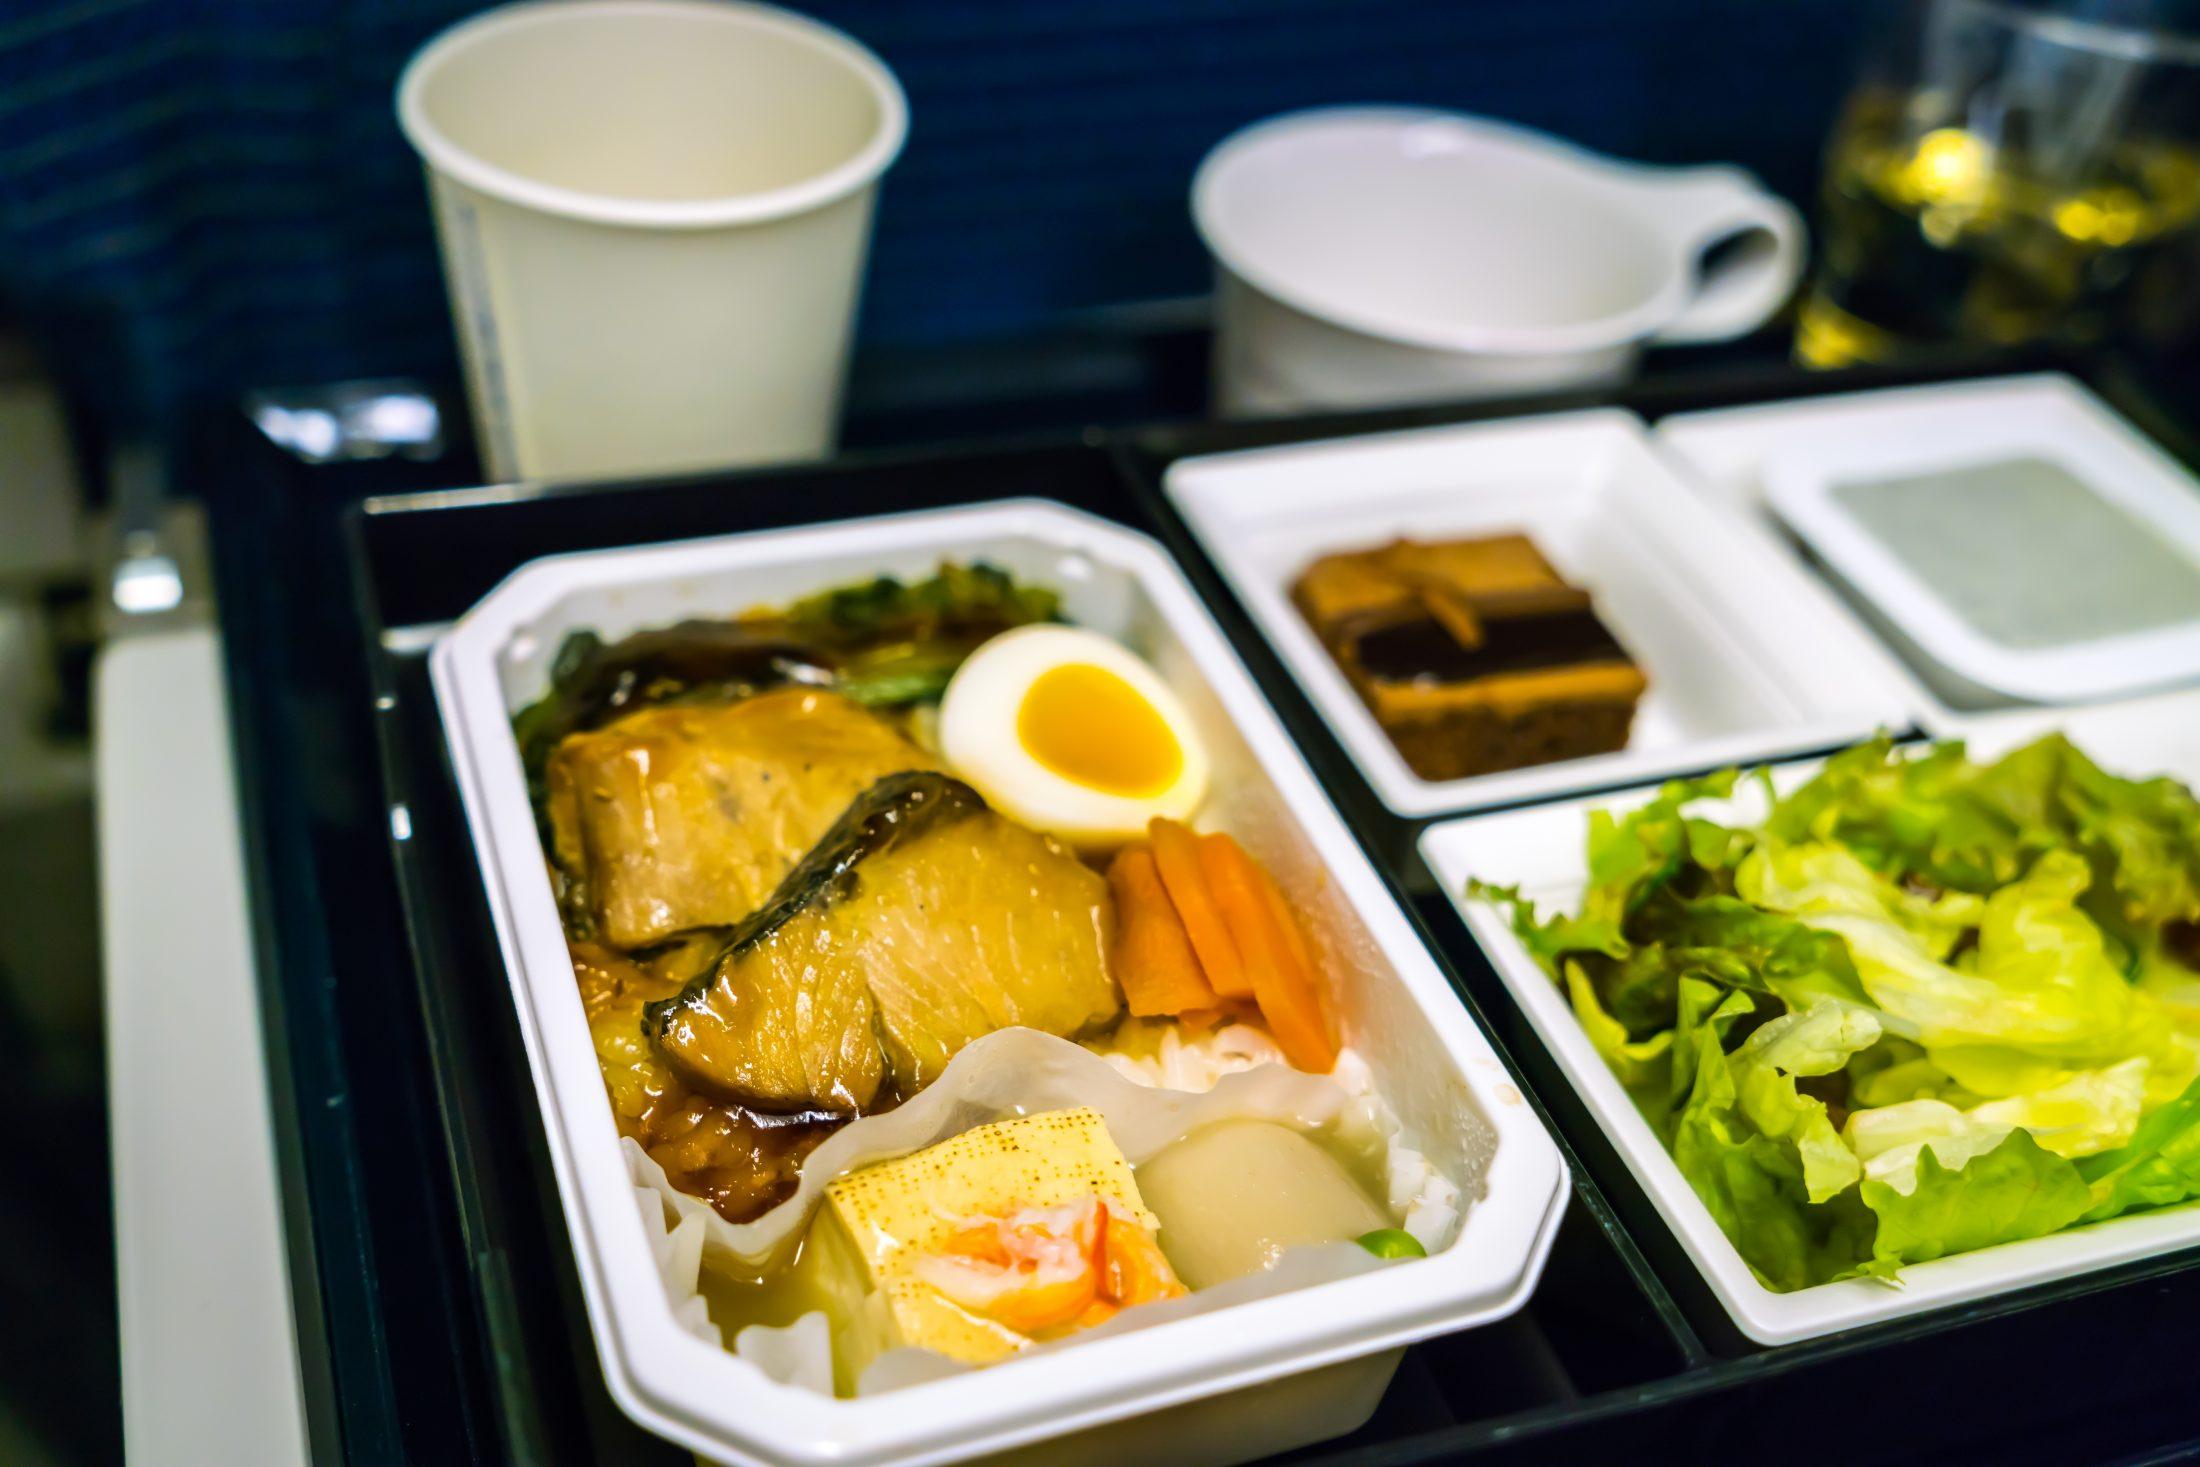 Kérjük, hagyja el a fedélzetet! Feketelistás ételek a repülőkön - Dining Guide